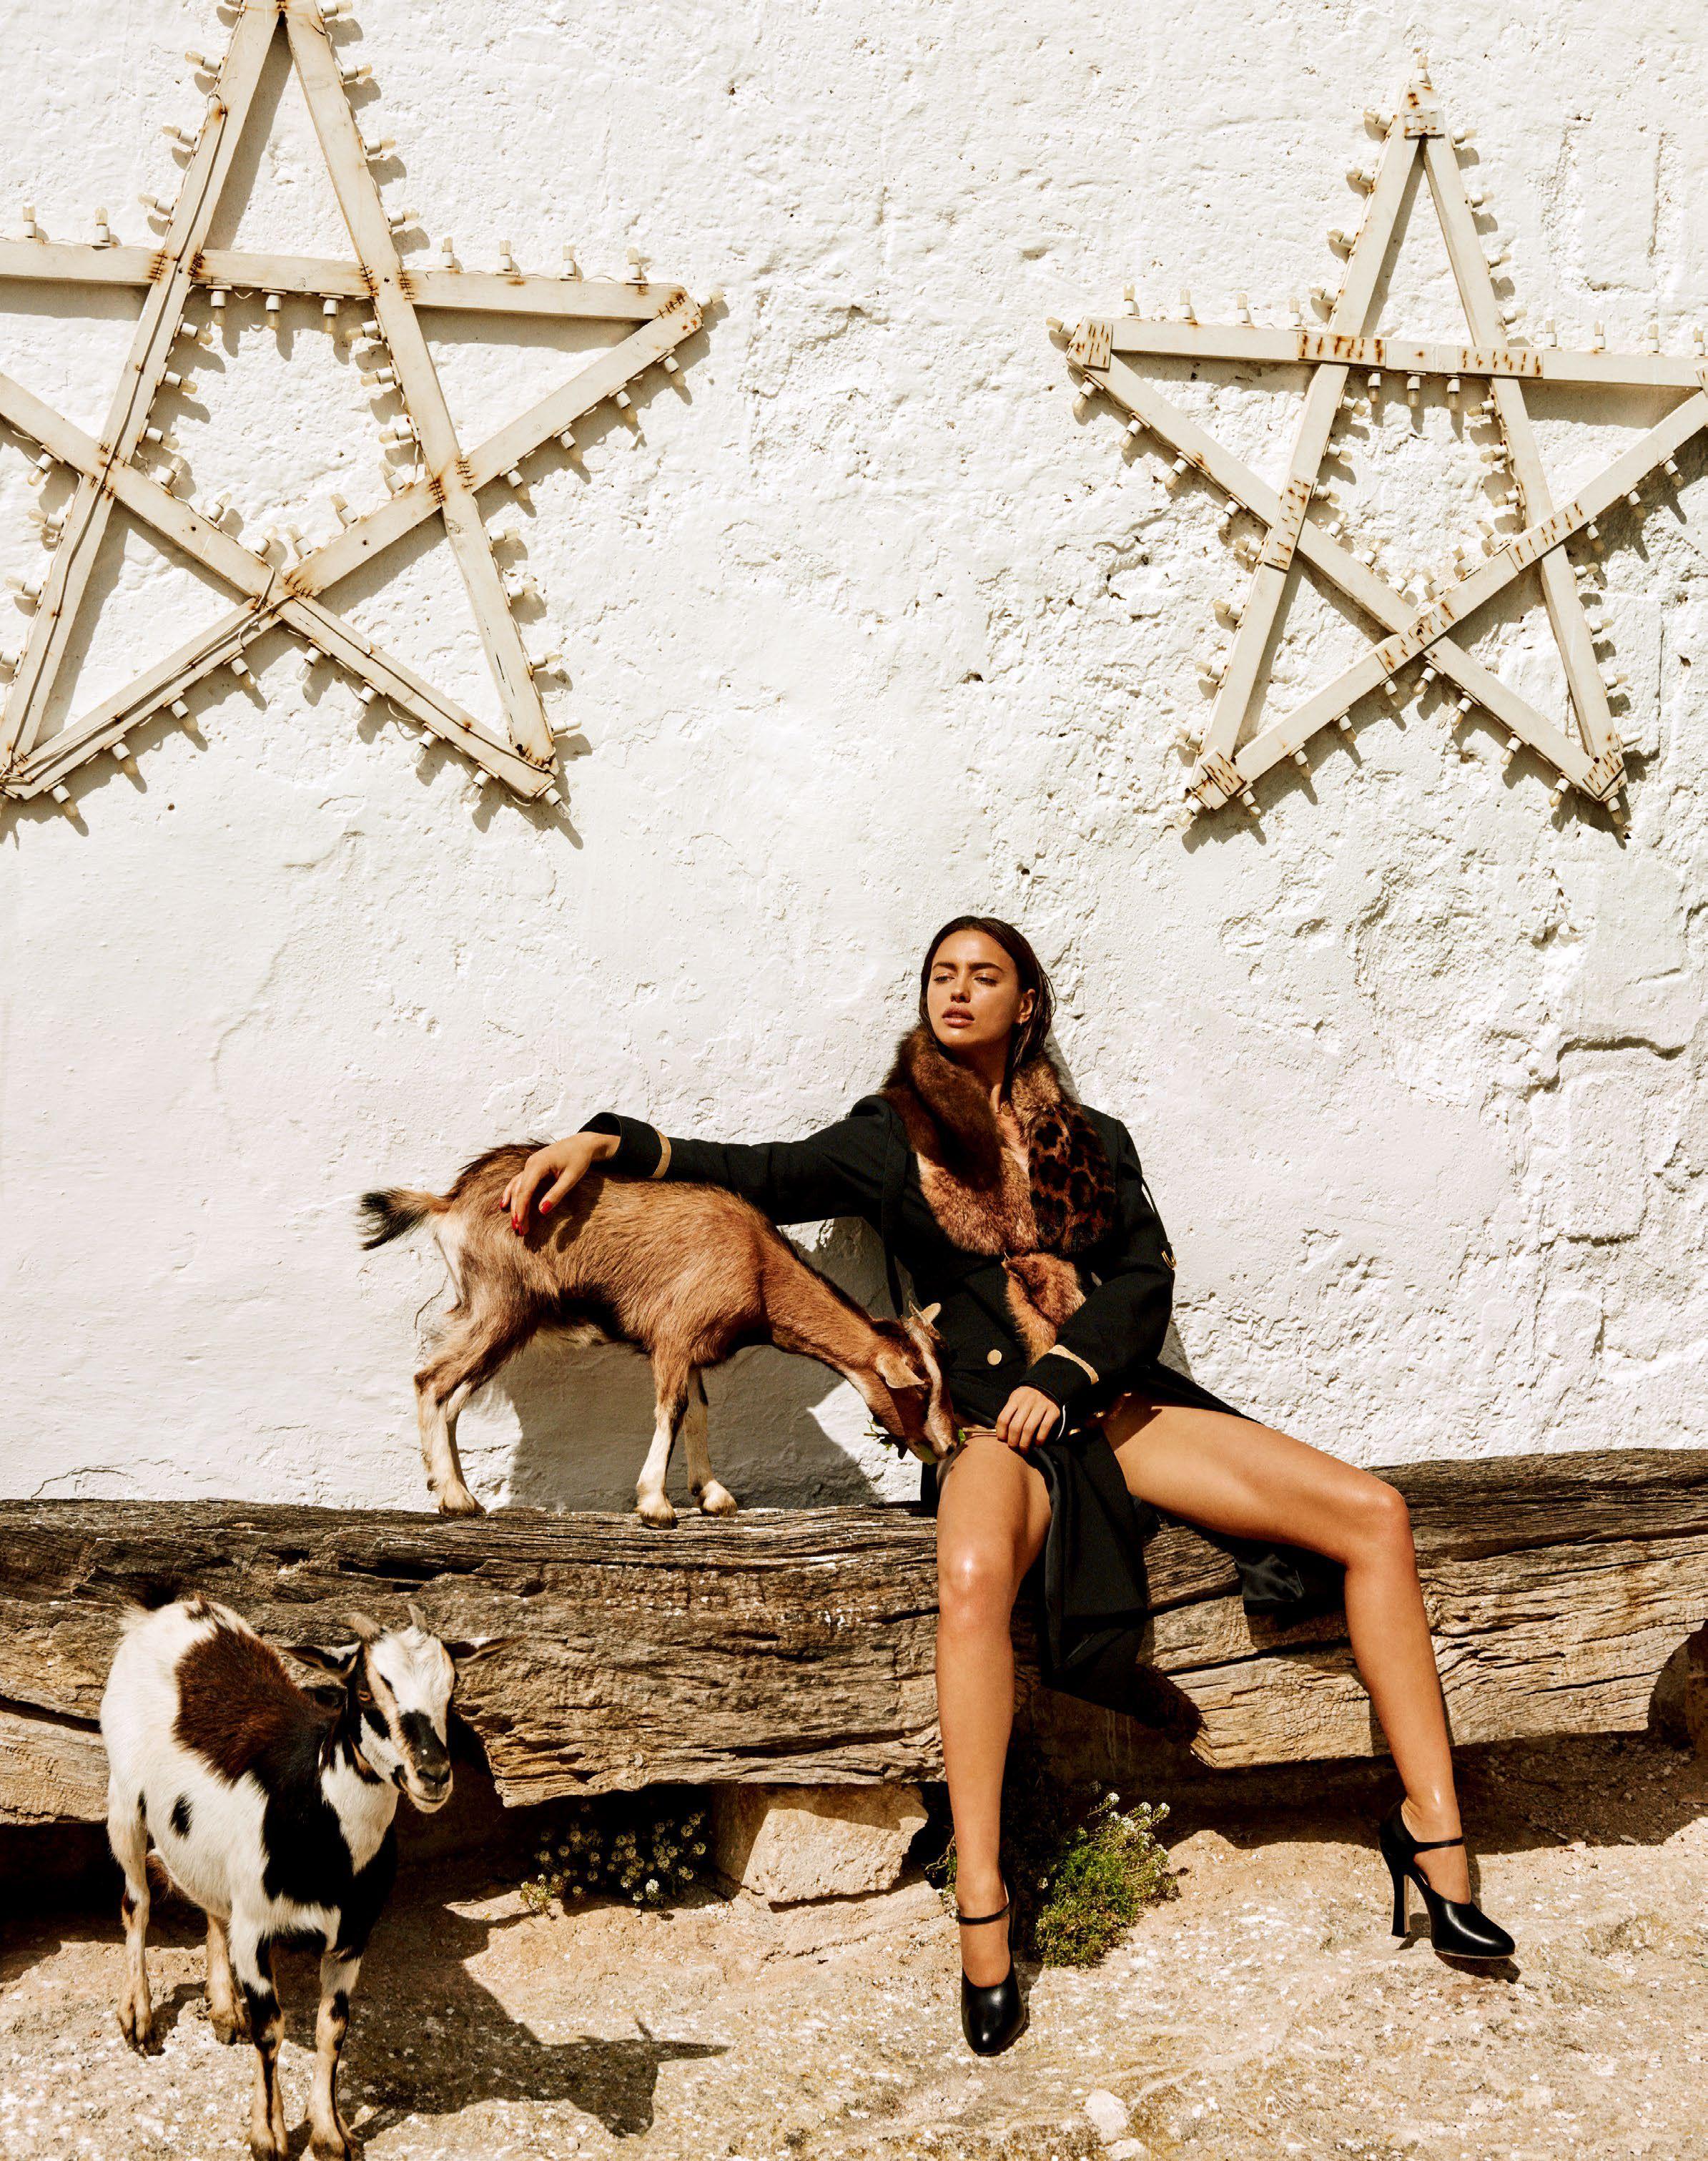 Irina Shayk hot